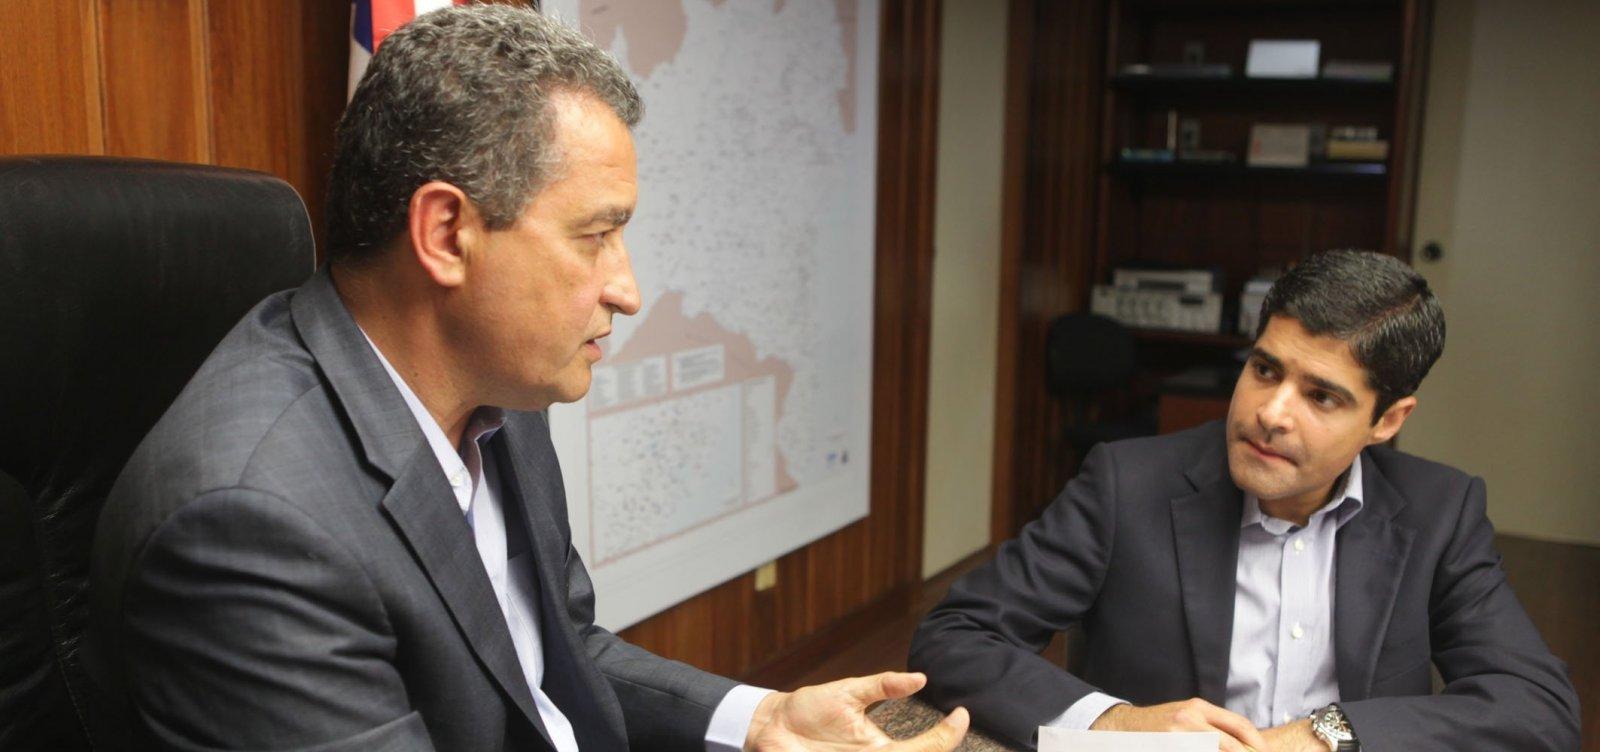 [Governador diz esperar que atividades econômicas retomem na semana do São João]